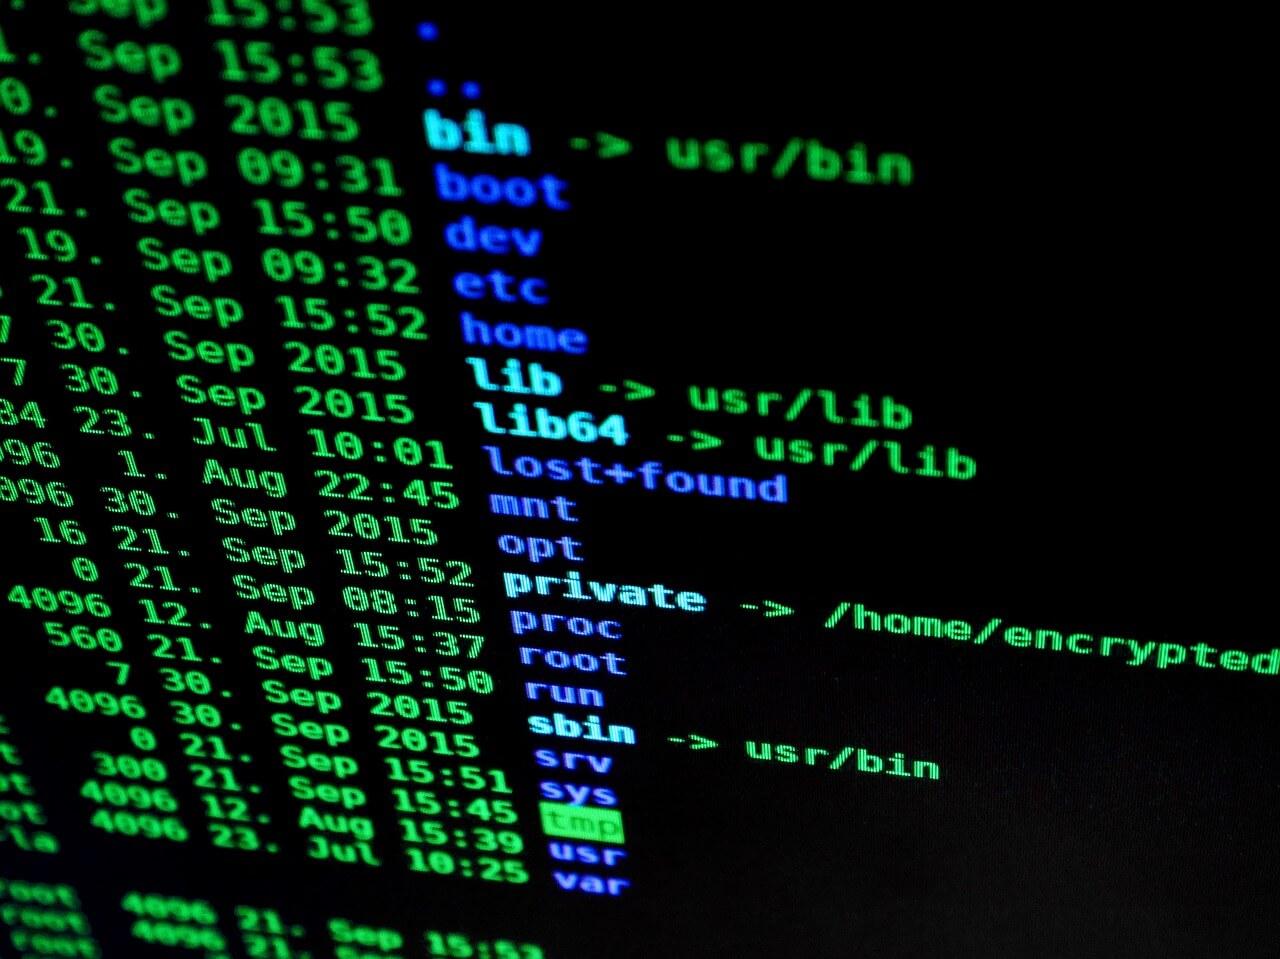 Datenschutz bei der Alarmierung von Einsatzkräften beachten, mit DIVERA 24/7 und dem Konzept der Datensparsamkeit gelingt dies.